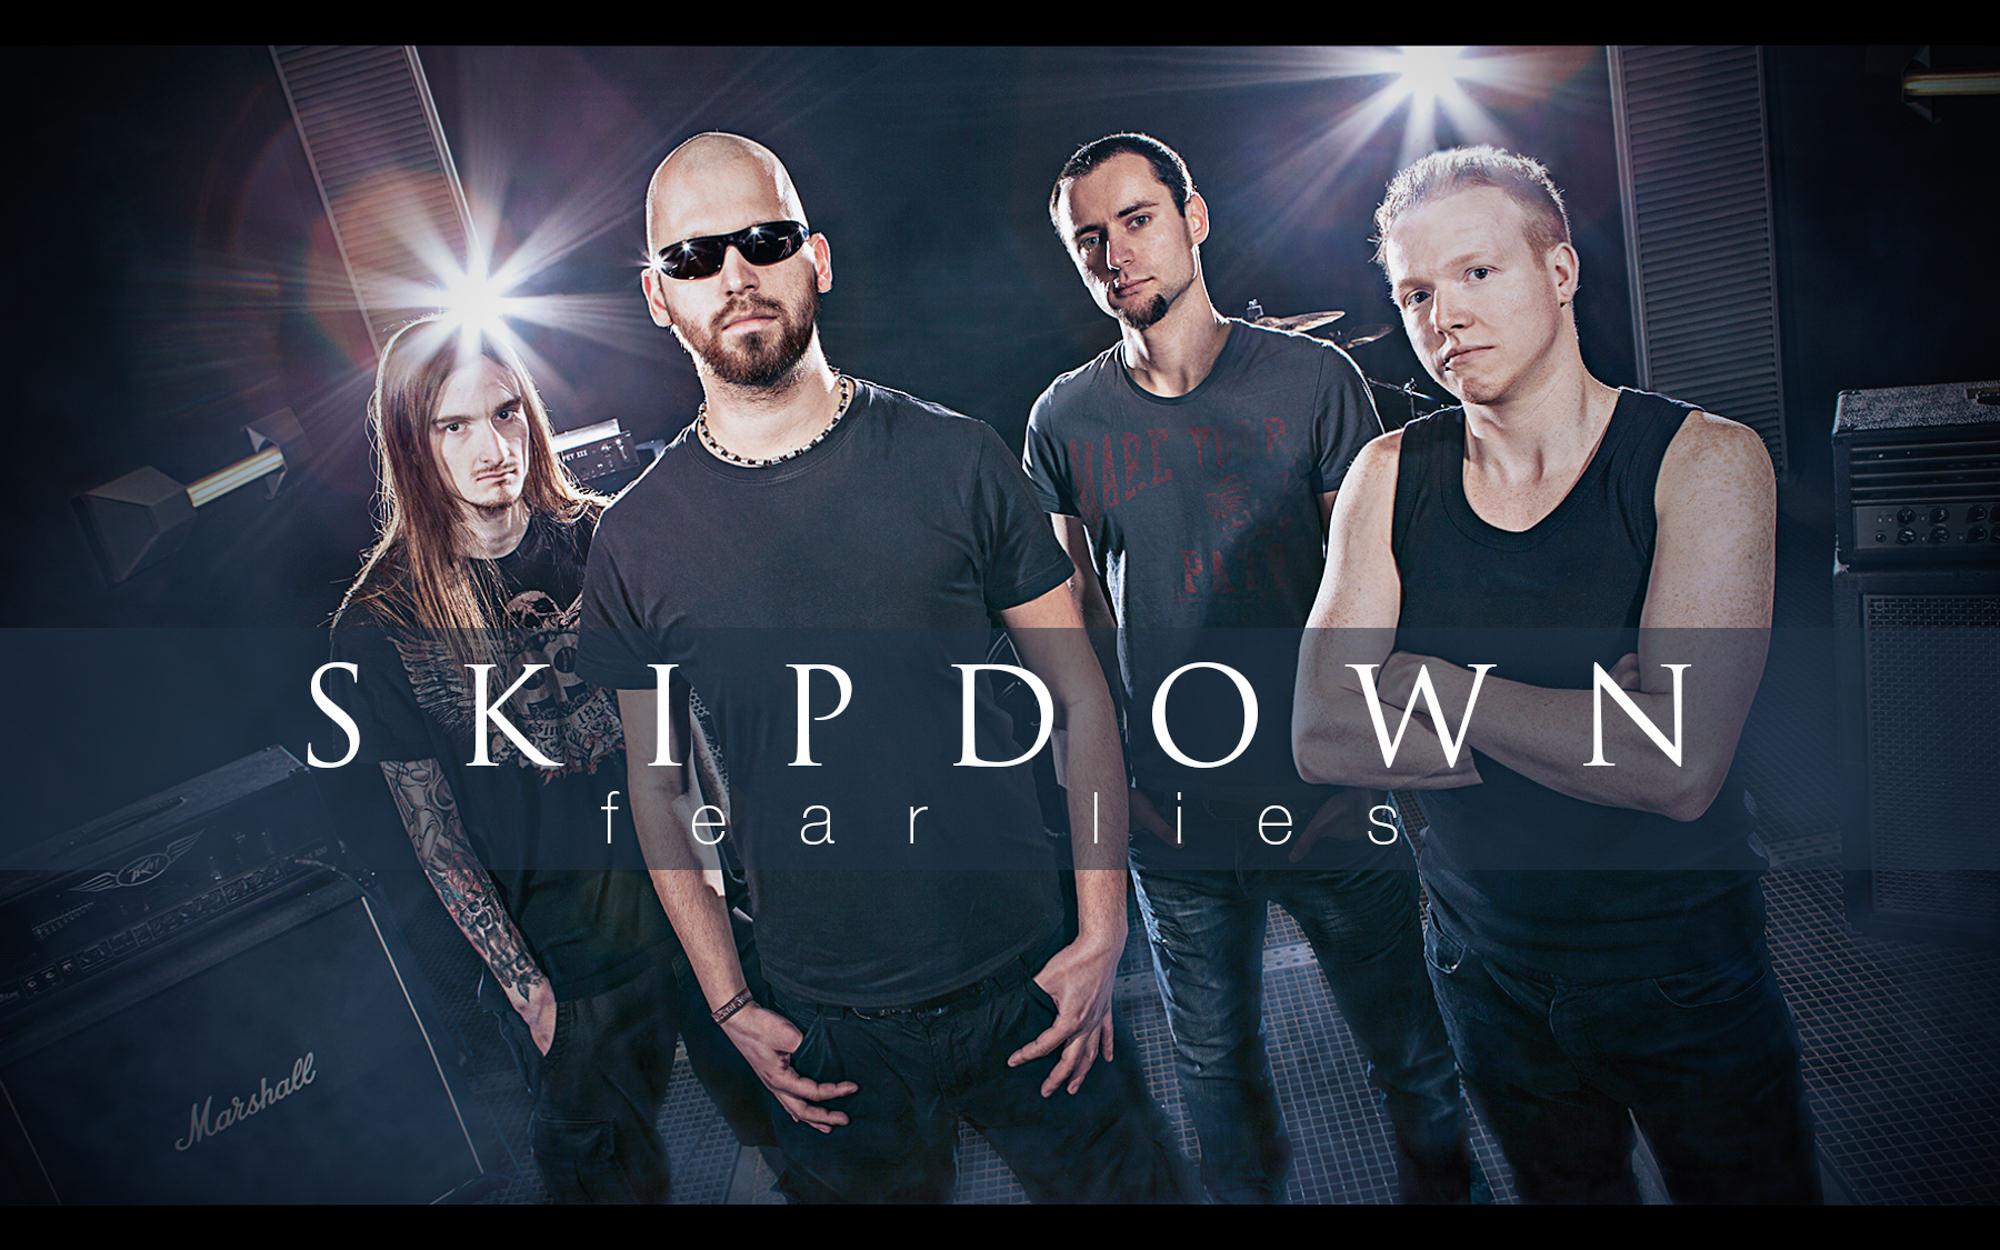 skipdown-promo-band-photo-artist.jpg